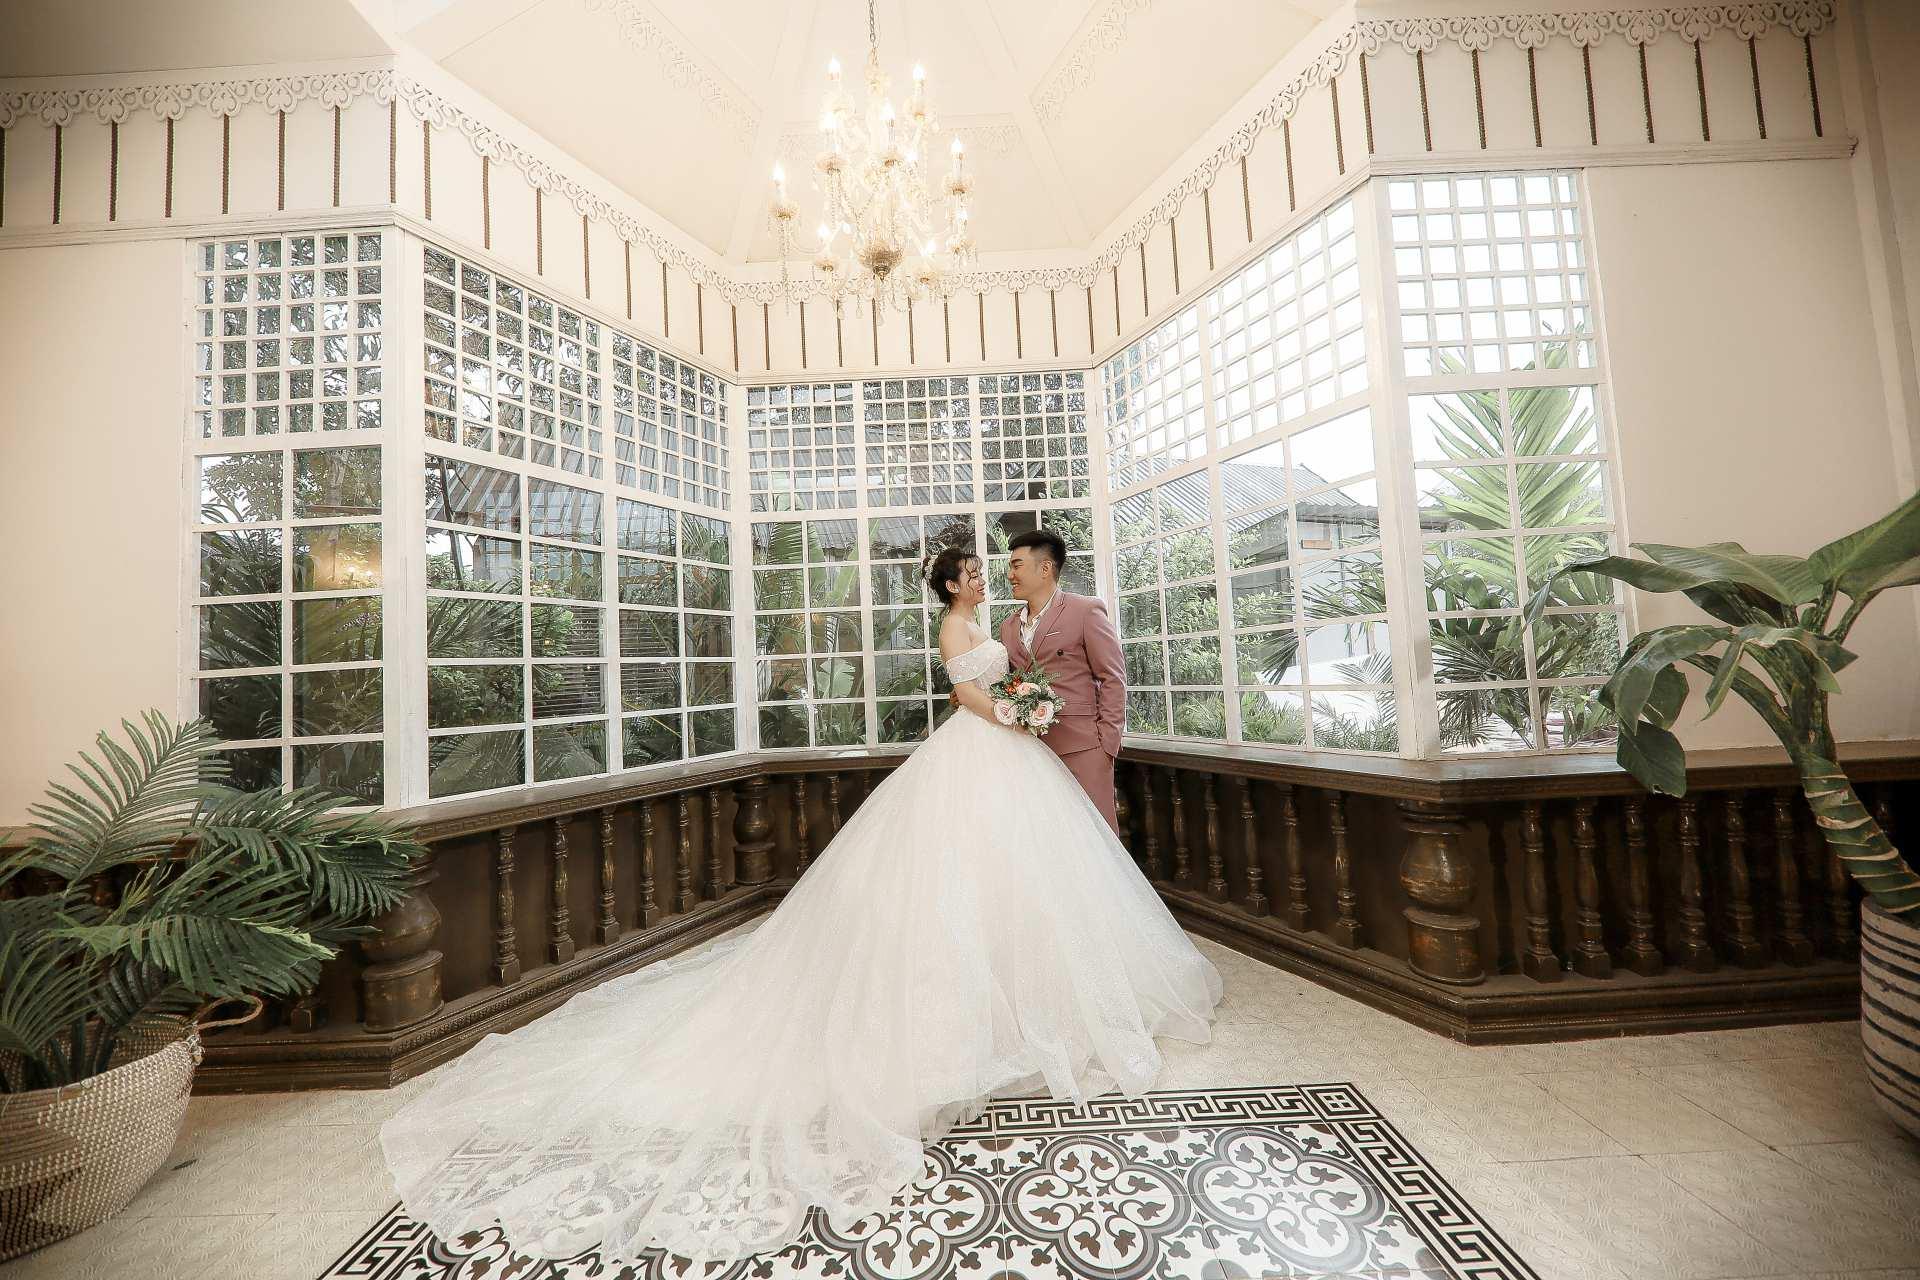 phim trường chụp ảnh cưới Alibaba - Ảnh 3